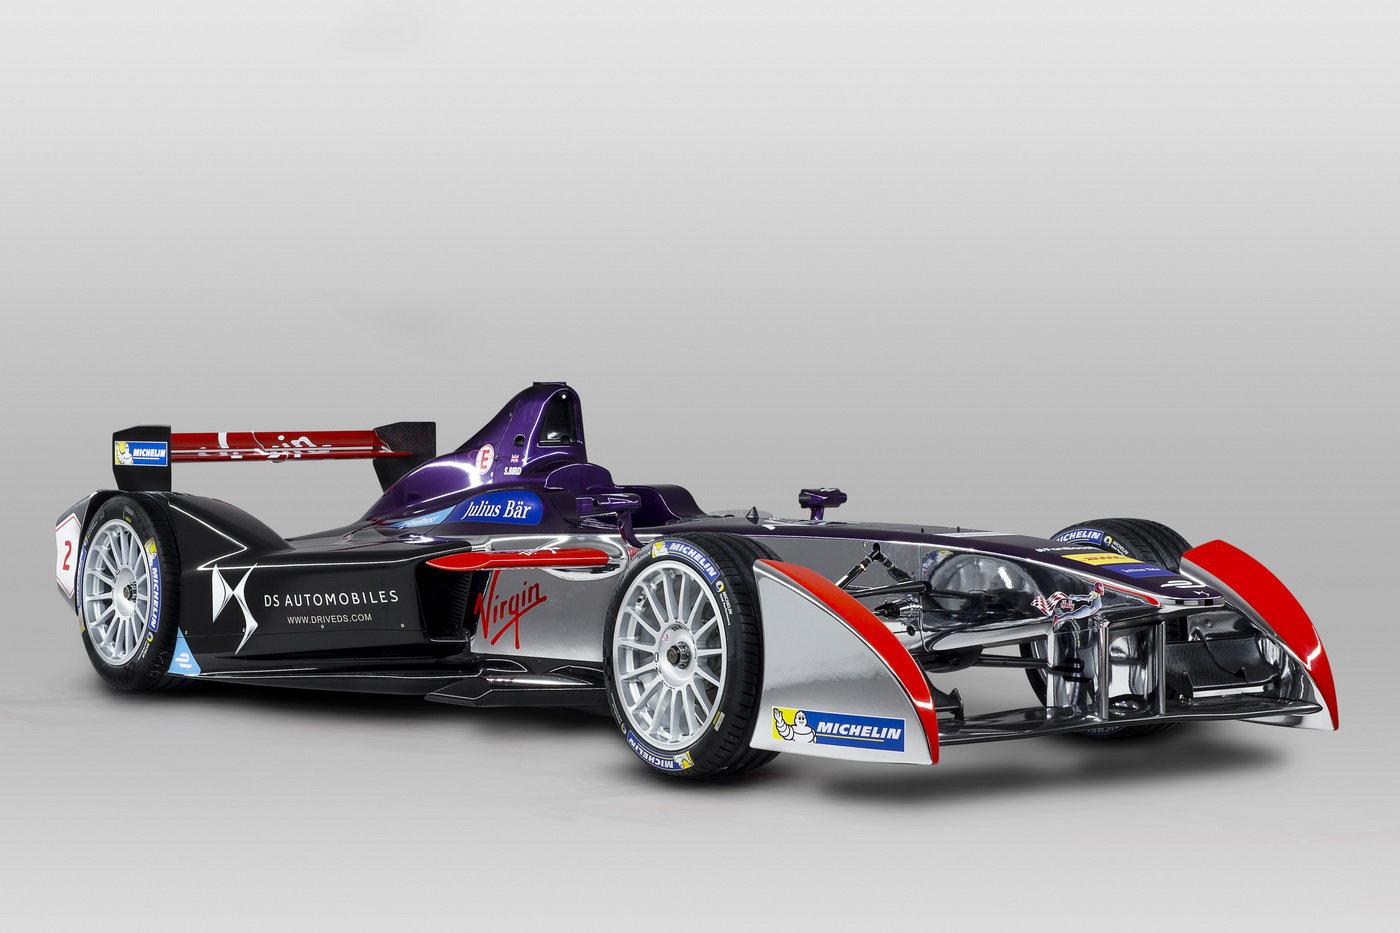 Stáj DS Virgin Racing odhaluje před prvním závodem druhé sezóny mistrovství Formule E FIA nový design svých vozů, v nichž se piloti Sam Bird a Jean-Eric Vergne poprvé objeví během posledních testovacích jízd 24.–25. srpna v Donington Parku.